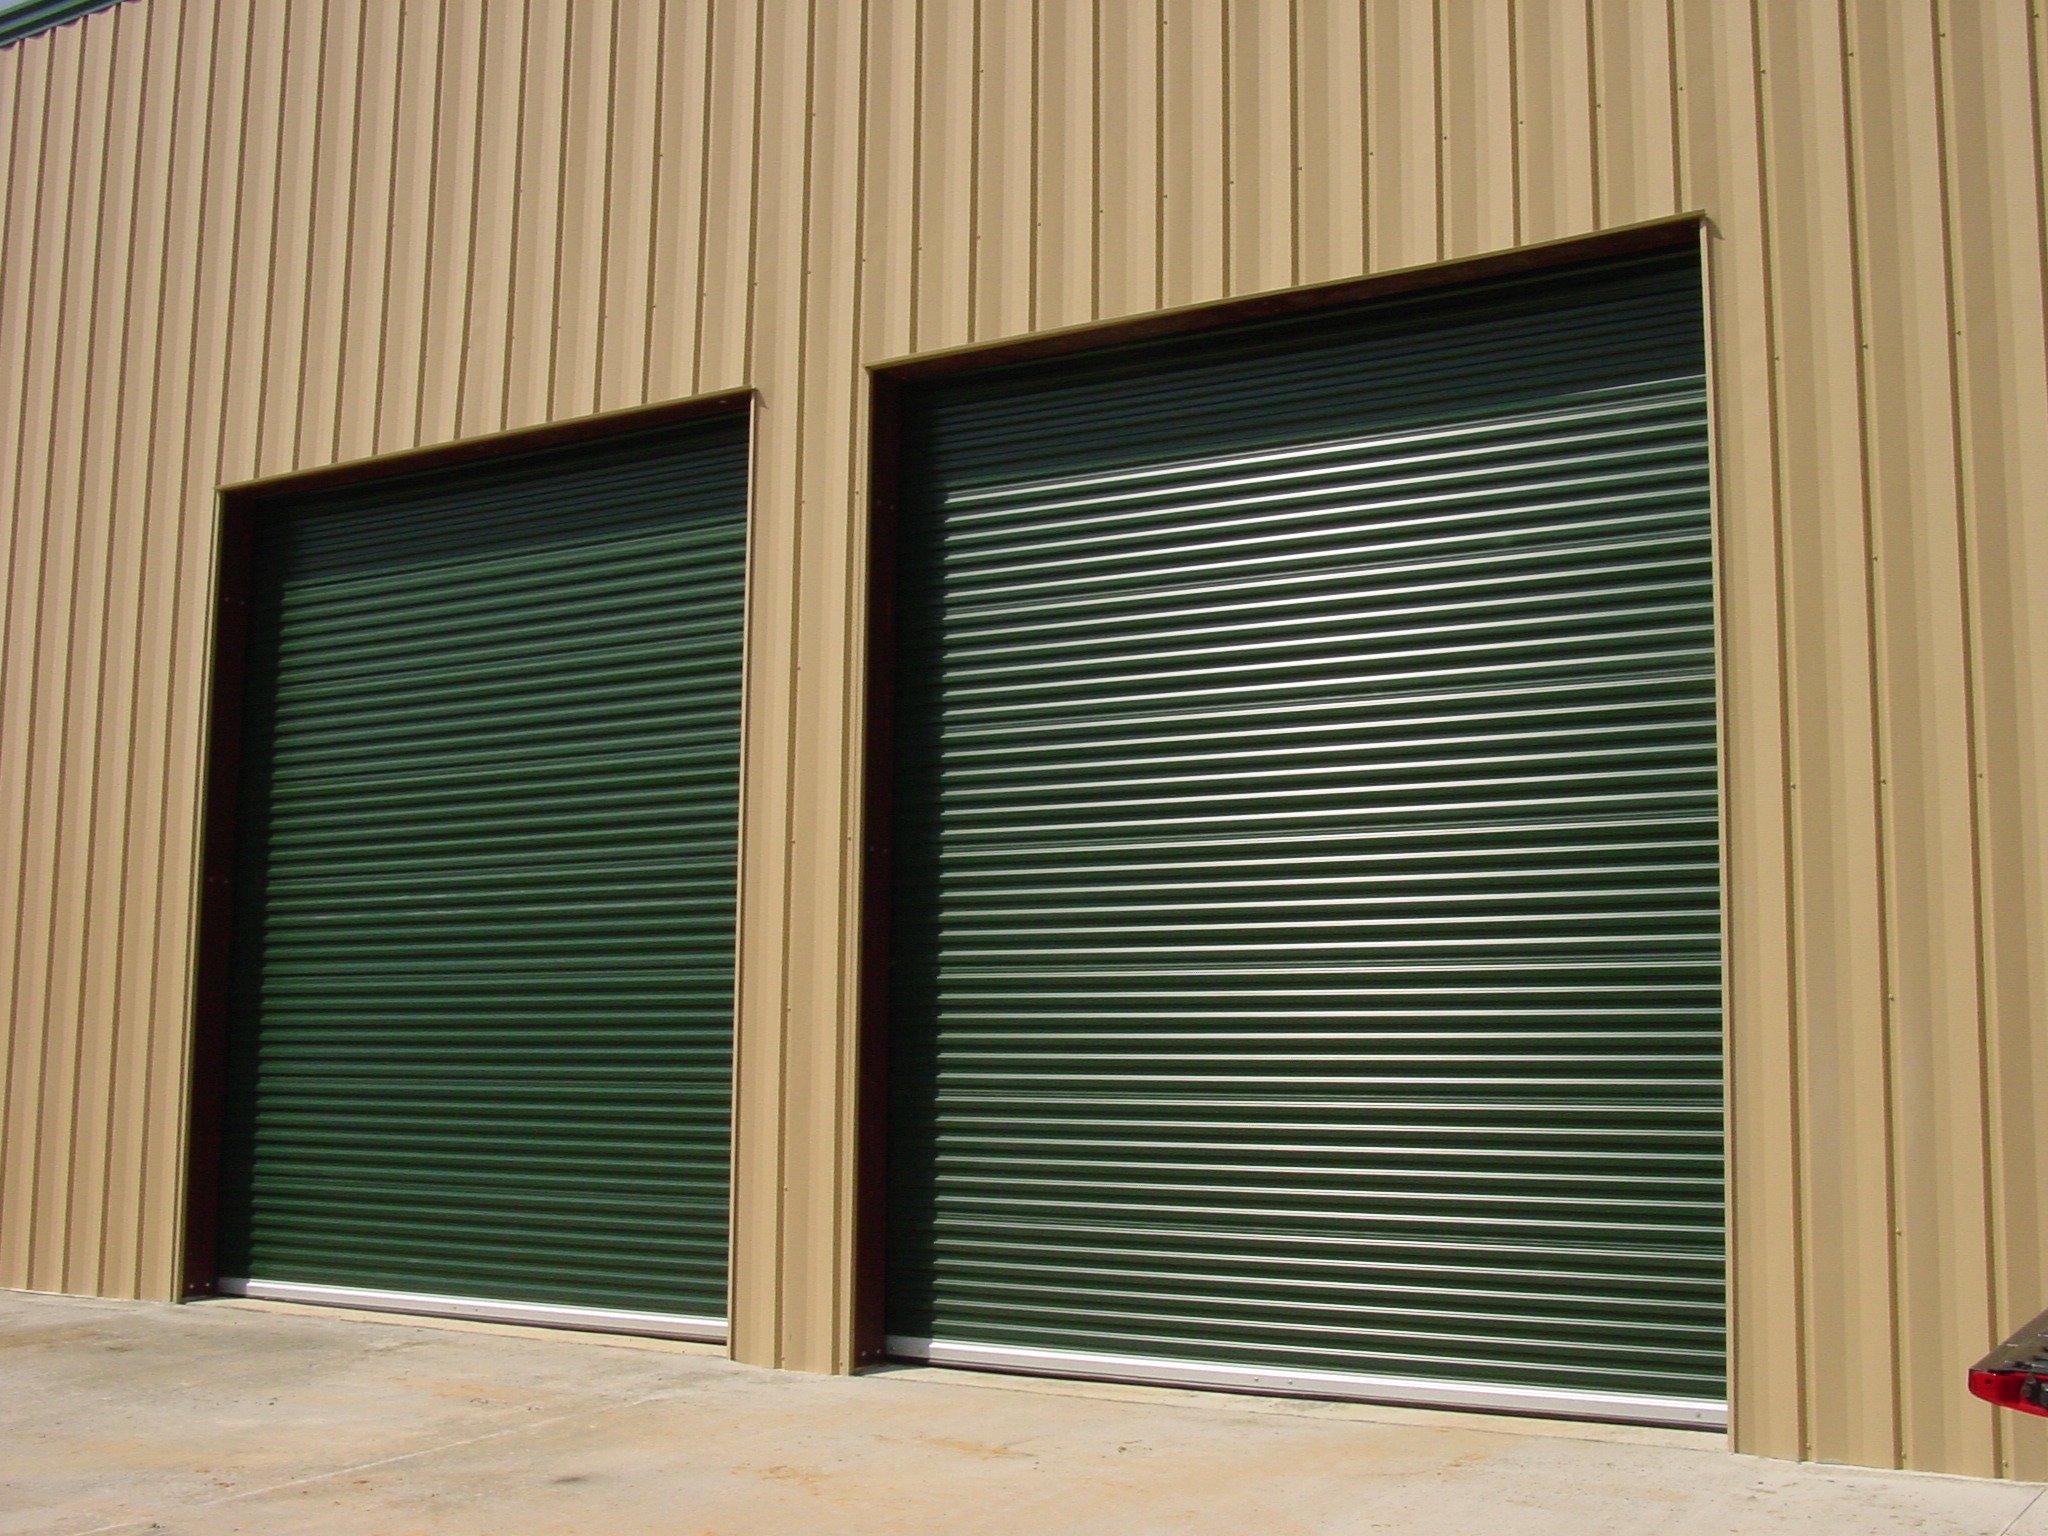 Green Commercial Doors on Metal Building